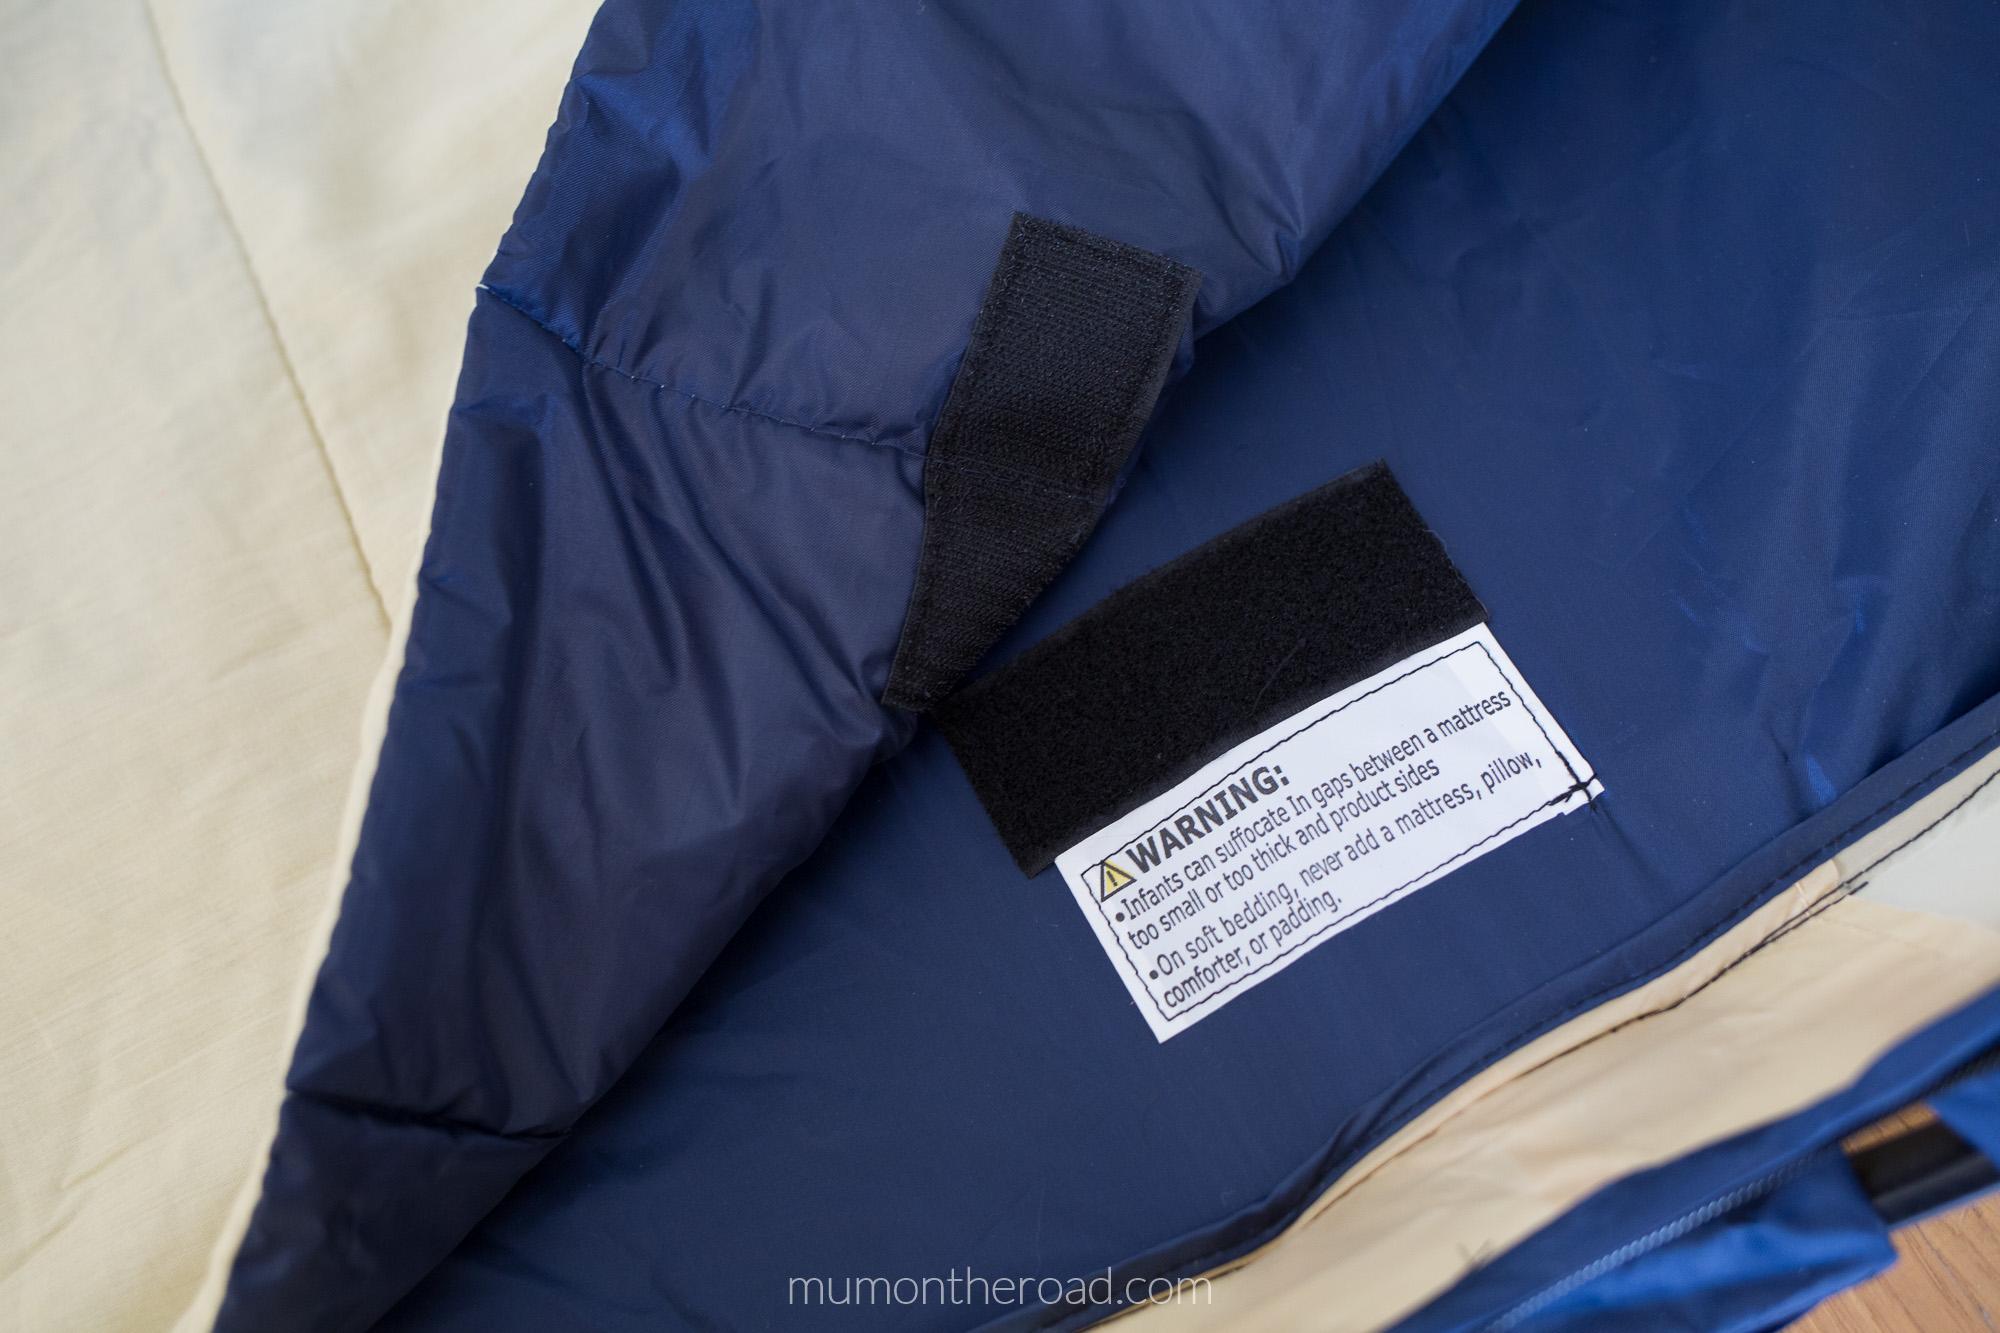 Velcro qui permet d'attacher le tapis de couchage à l'intérieur de la tente Deryan Travel Cot Baby